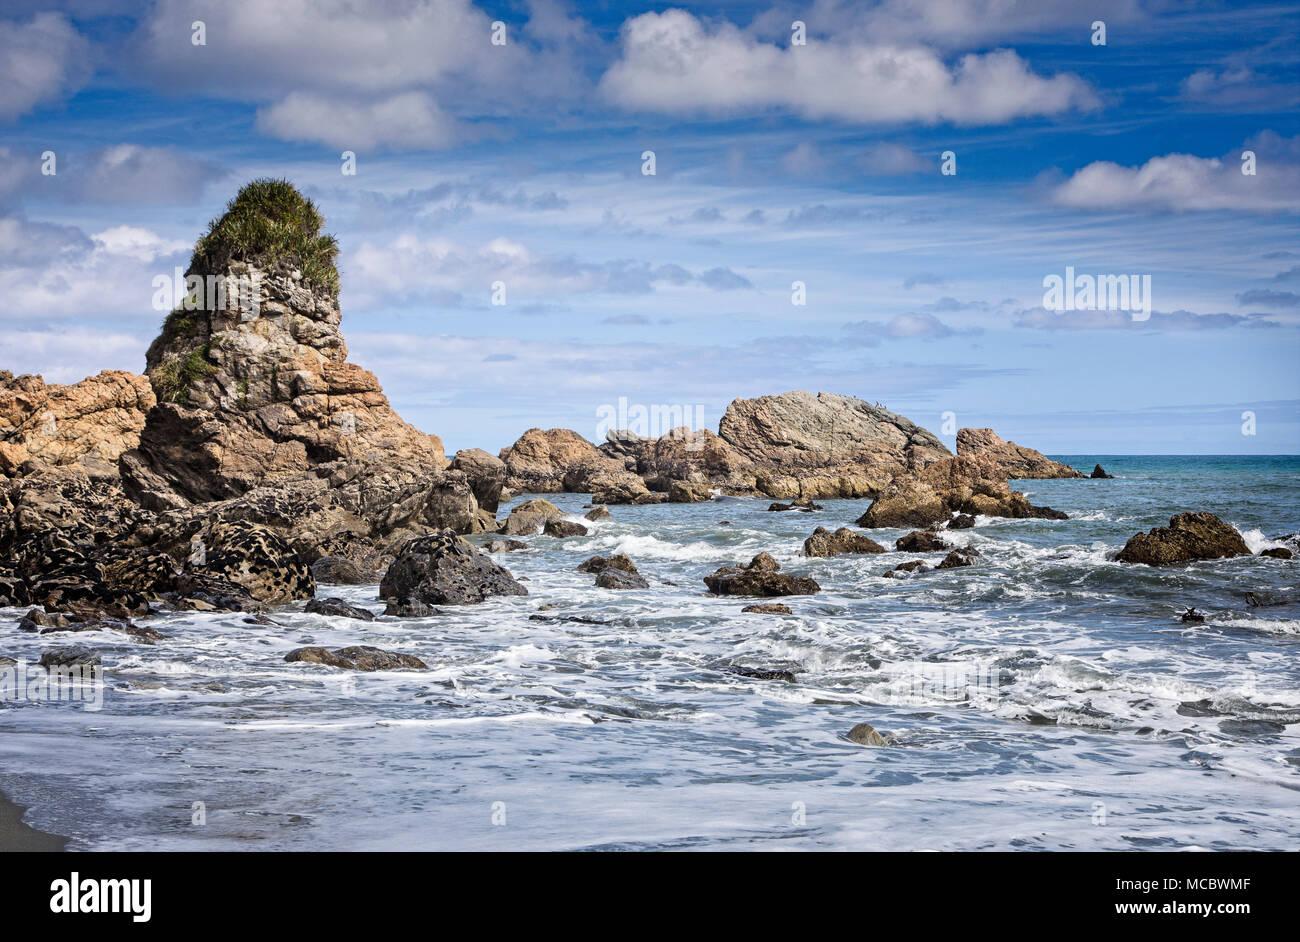 Le pile e le rocce sulla costa ovest dell'aspra regione del South Island, in Nuova Zelanda. Immagini Stock